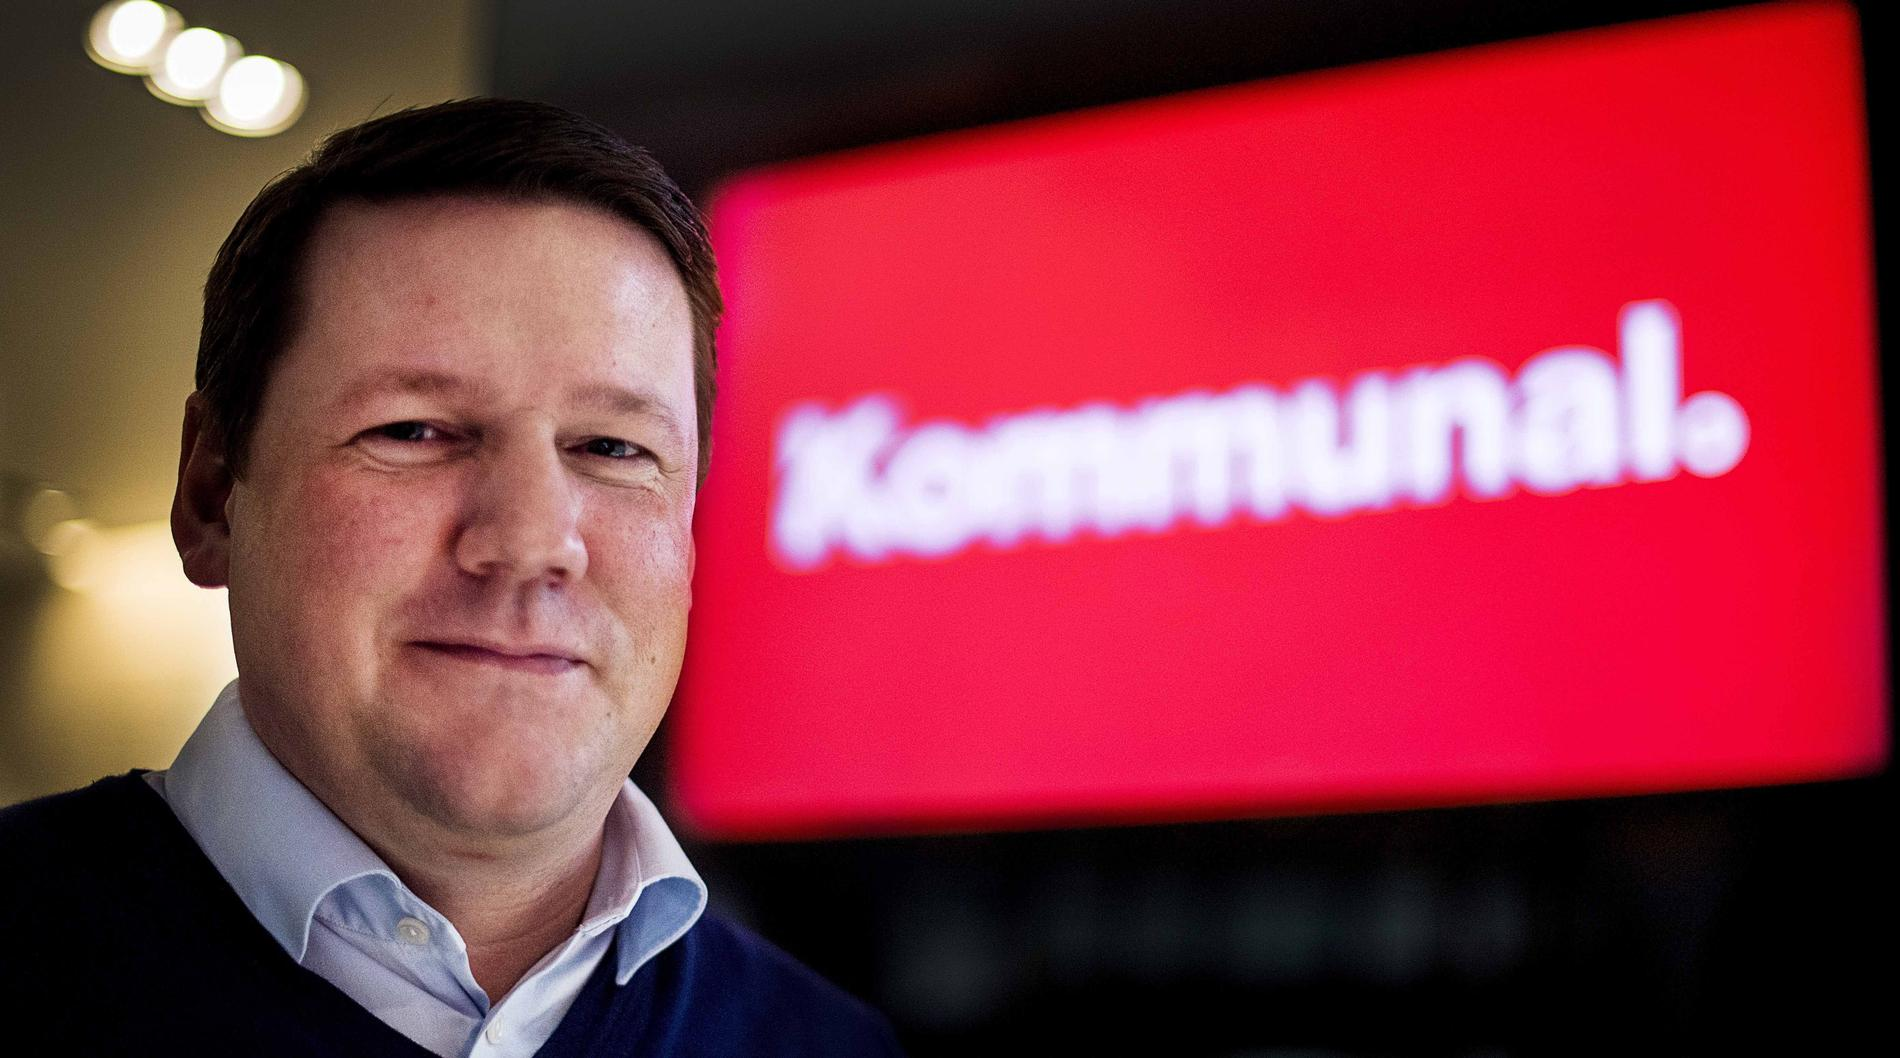 Tobias Baudin pekas av flera källor ut som den naturliga efterträdaren till Karl-Petter Thorwaldsson på posten som LO-ordföranden.